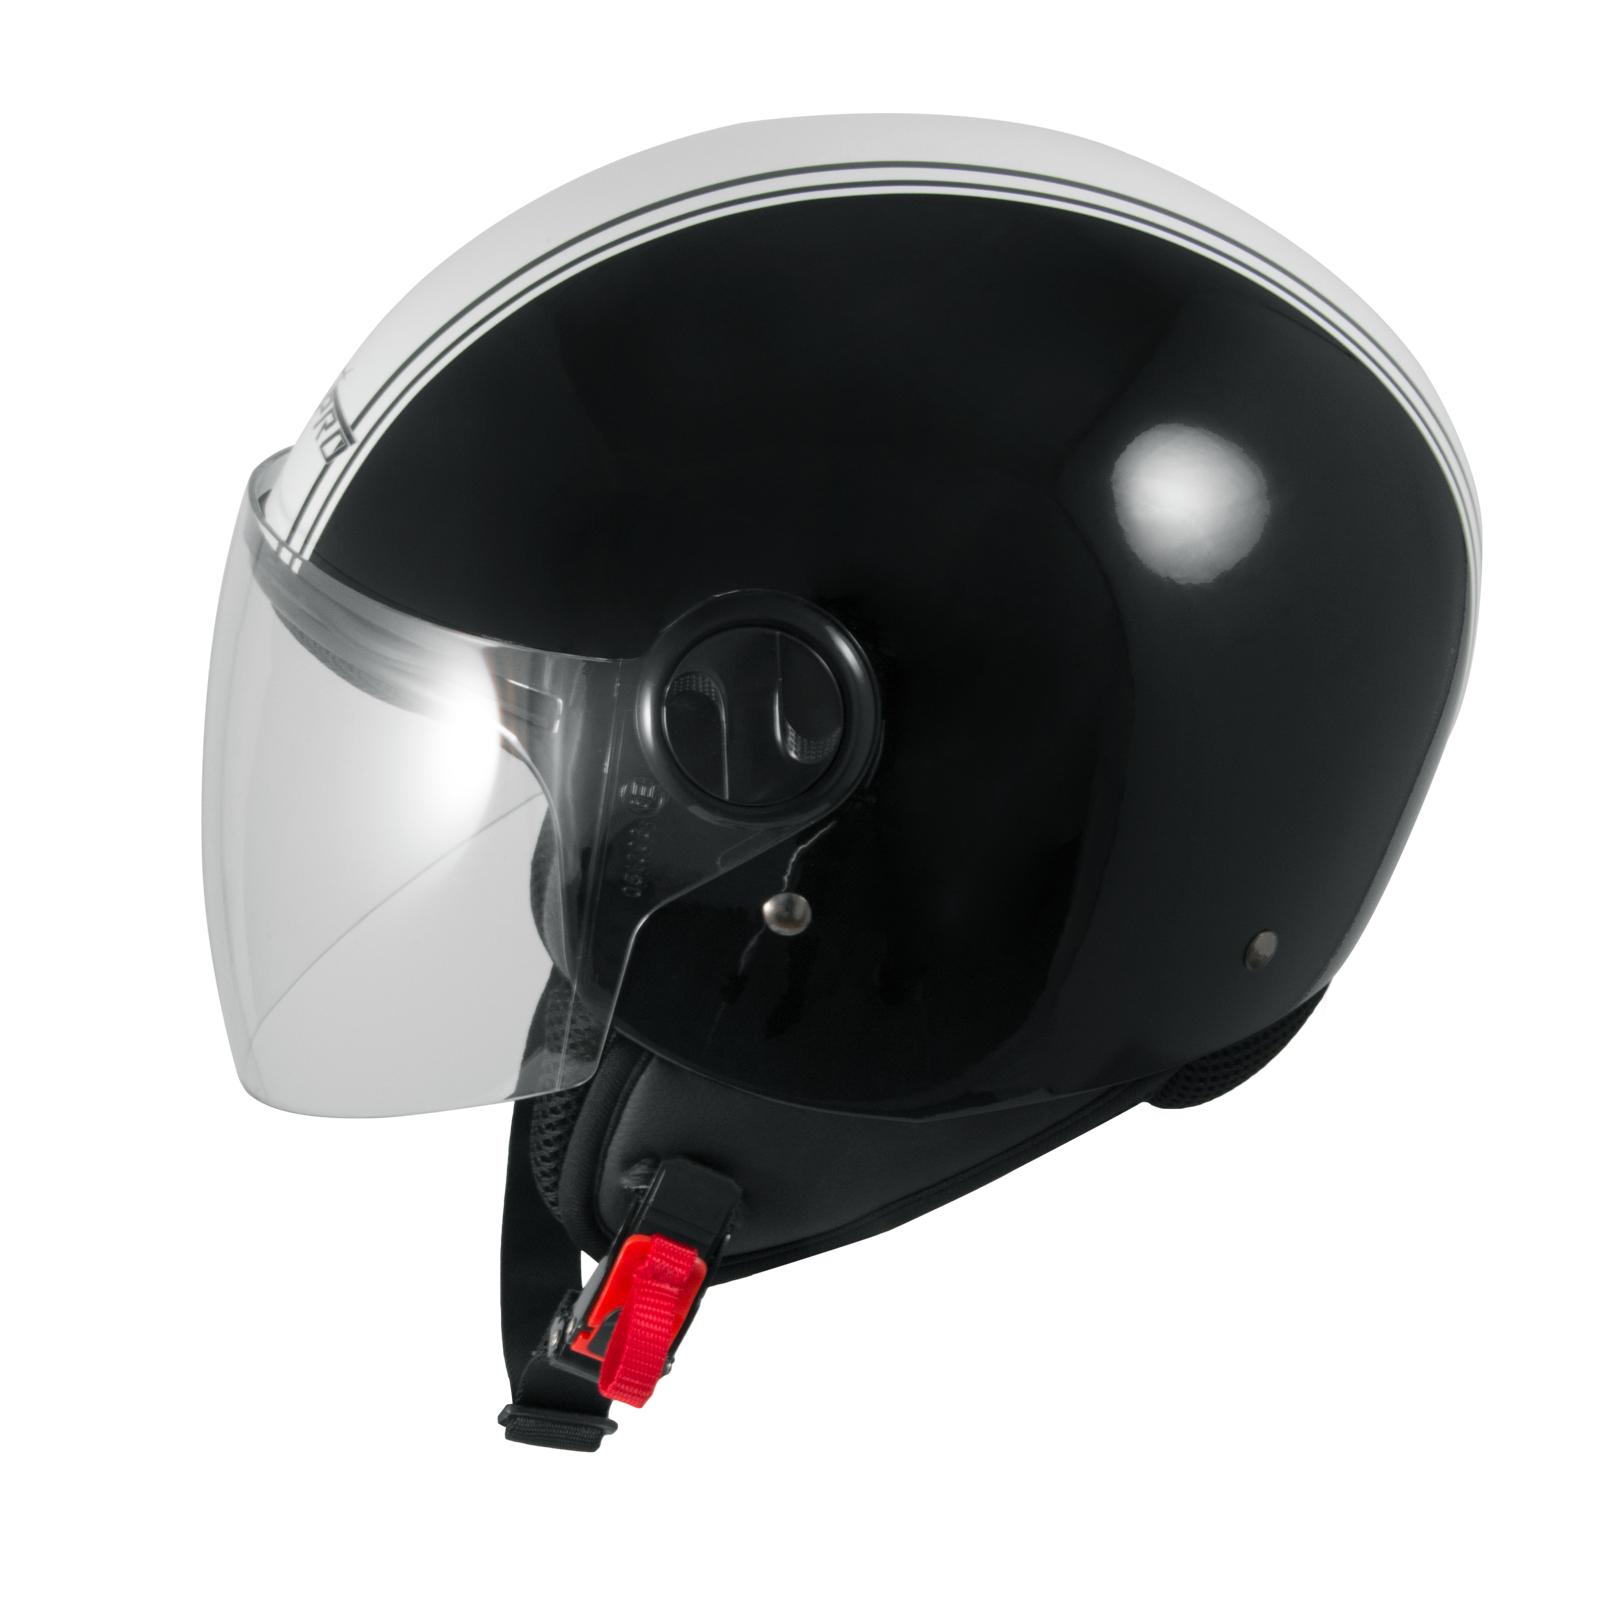 casque avec moto scooter quad jet visiere ece 22 graphique noir sonicmoto ebay. Black Bedroom Furniture Sets. Home Design Ideas